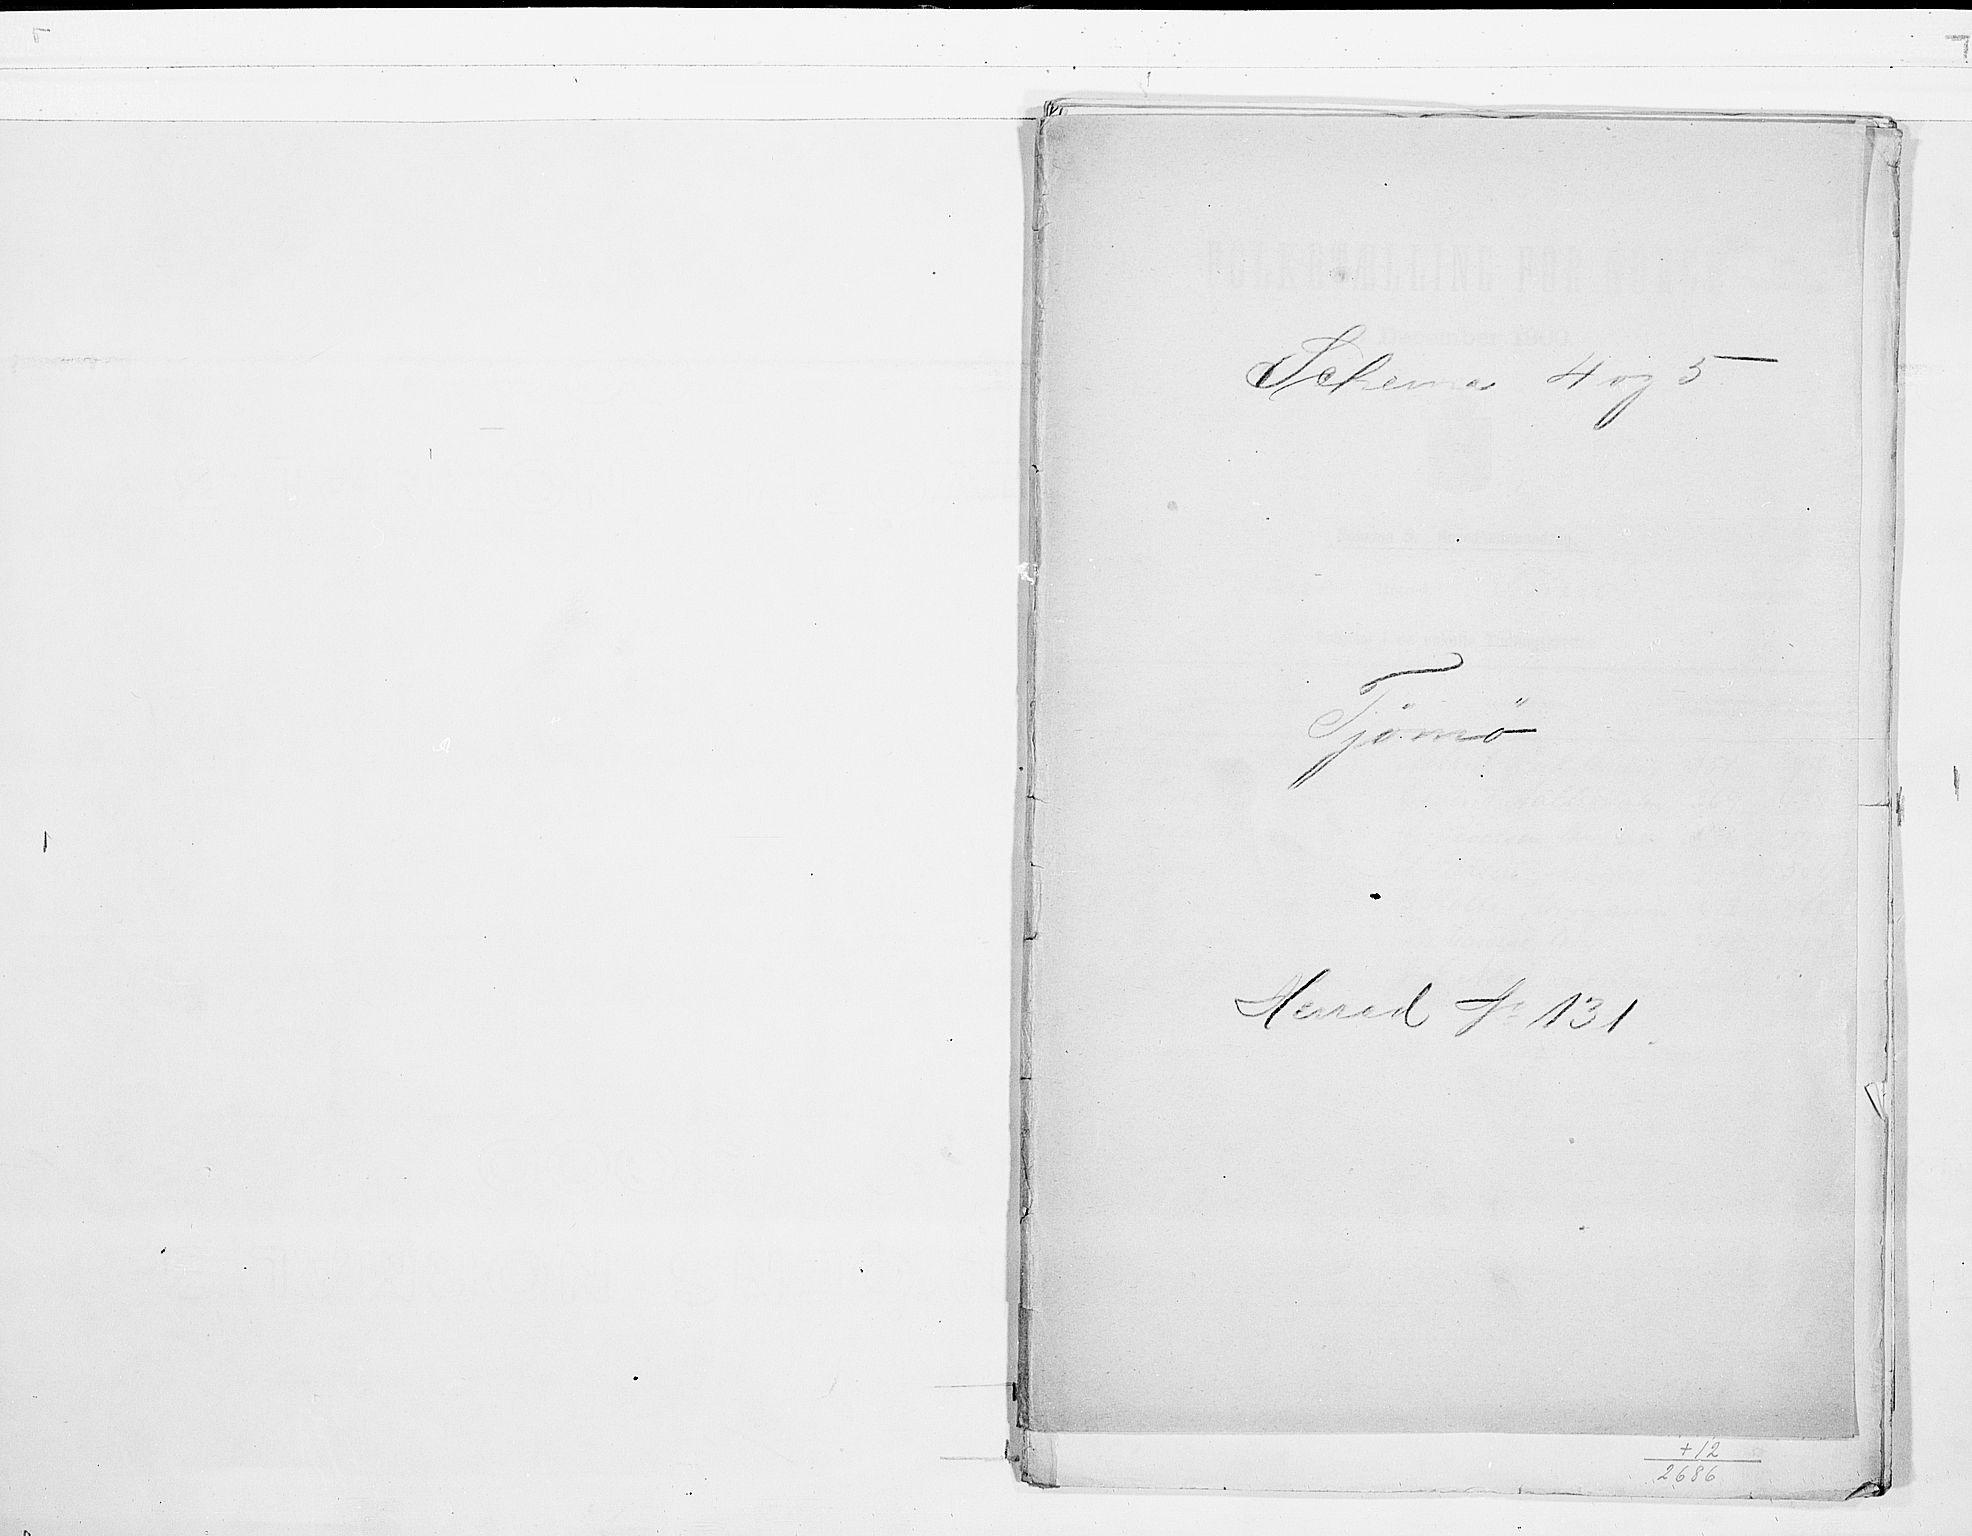 RA, Folketelling 1900 for 0723 Tjøme herred, 1900, s. 1